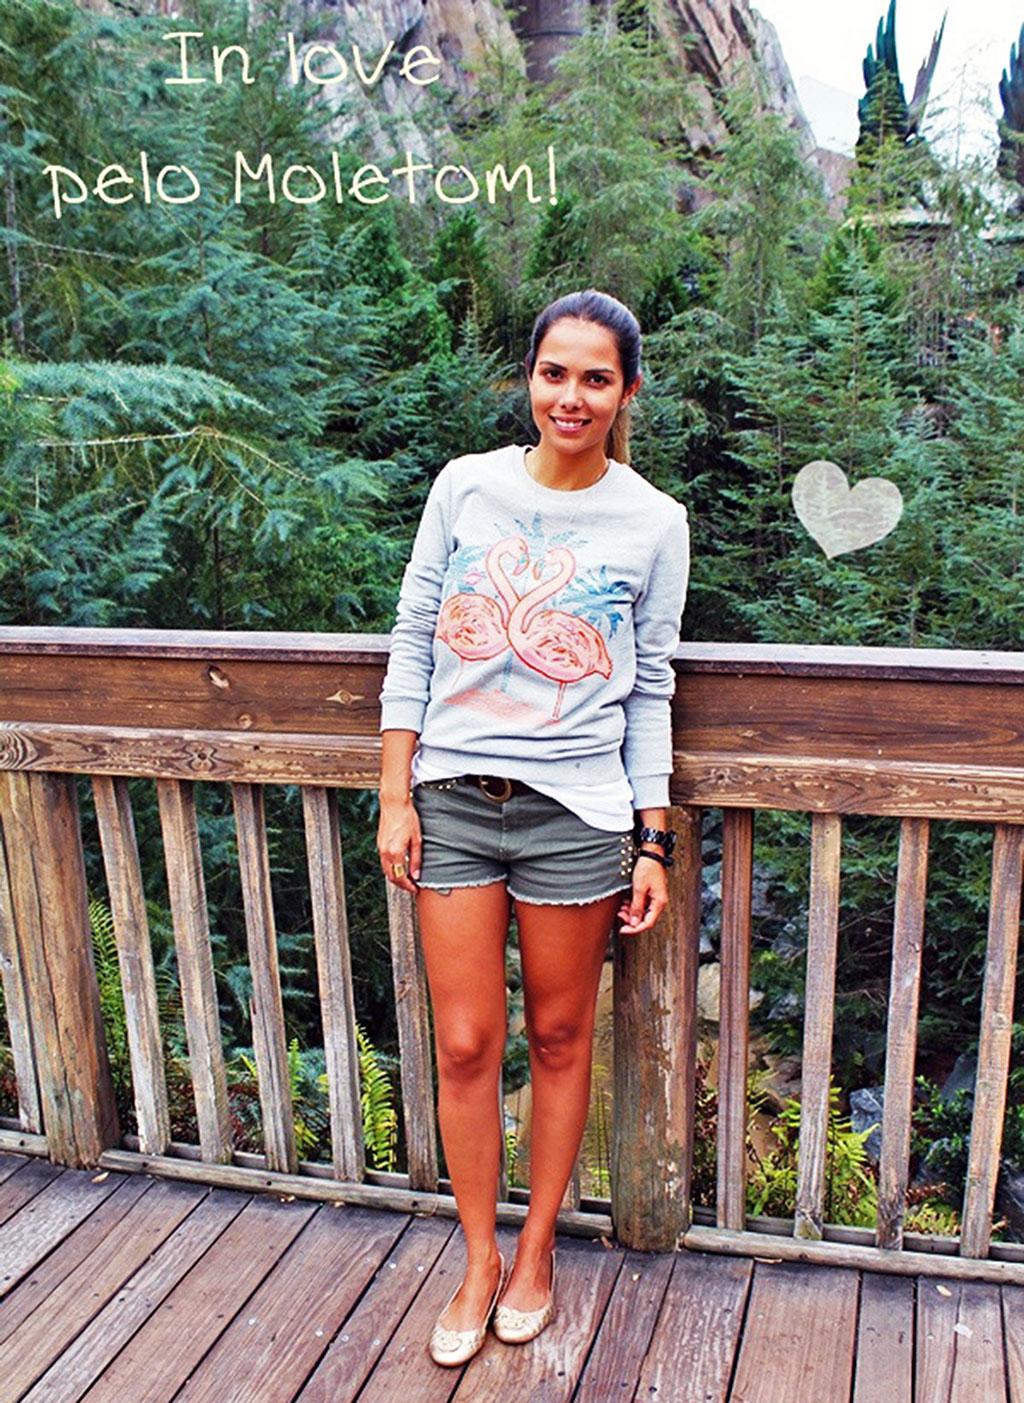 Luana do blog www.luanameneguetti.com.br usando um look ideal para um dia de calor nos parques